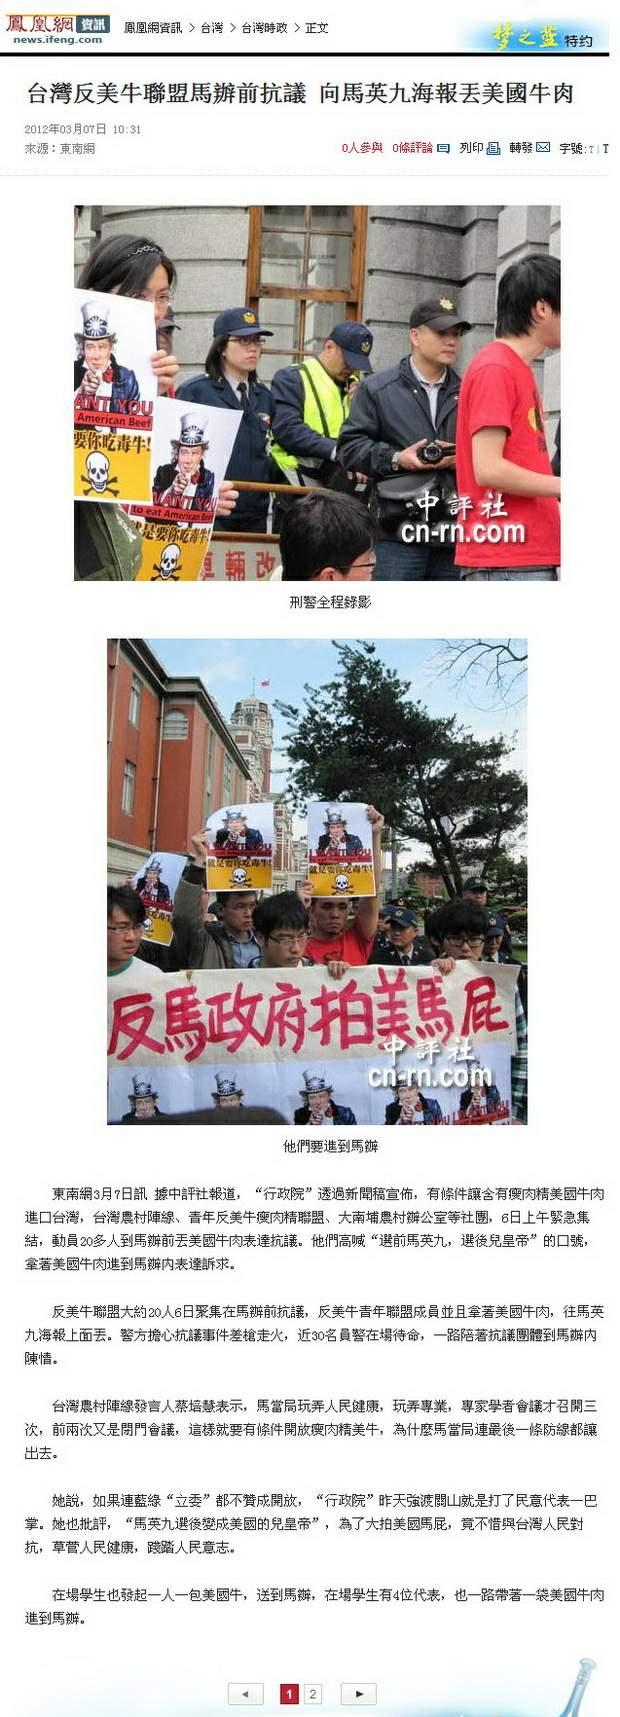 台灣反美牛聯盟馬辦前抗議 向馬英九海報丟美國牛肉-2012.03.07-01